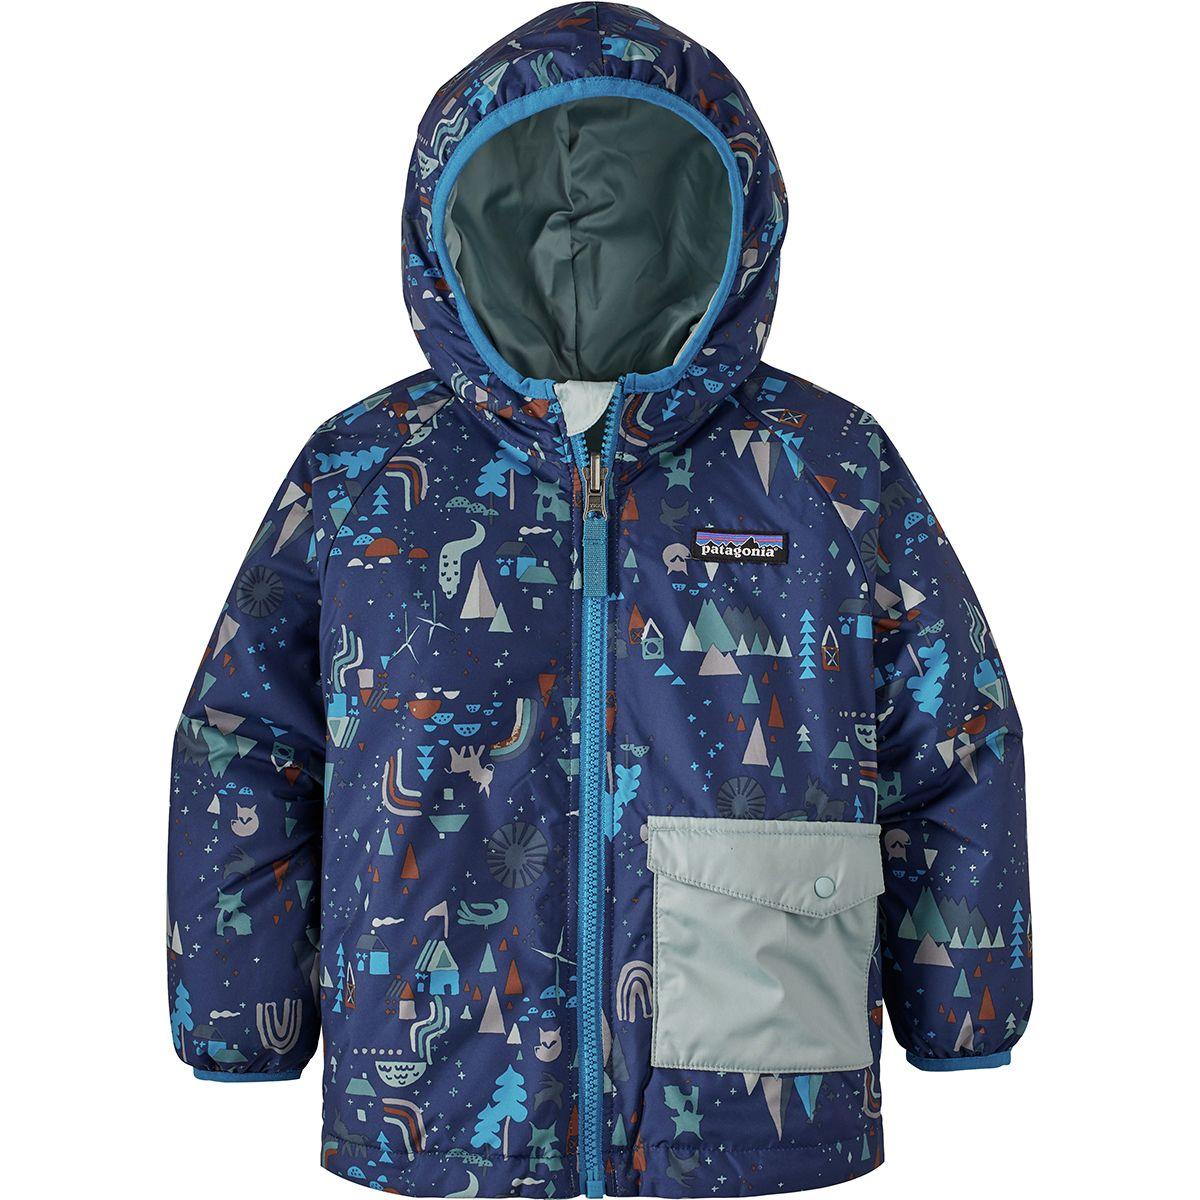 Patagonia Reversible Puff-Ball Jacket